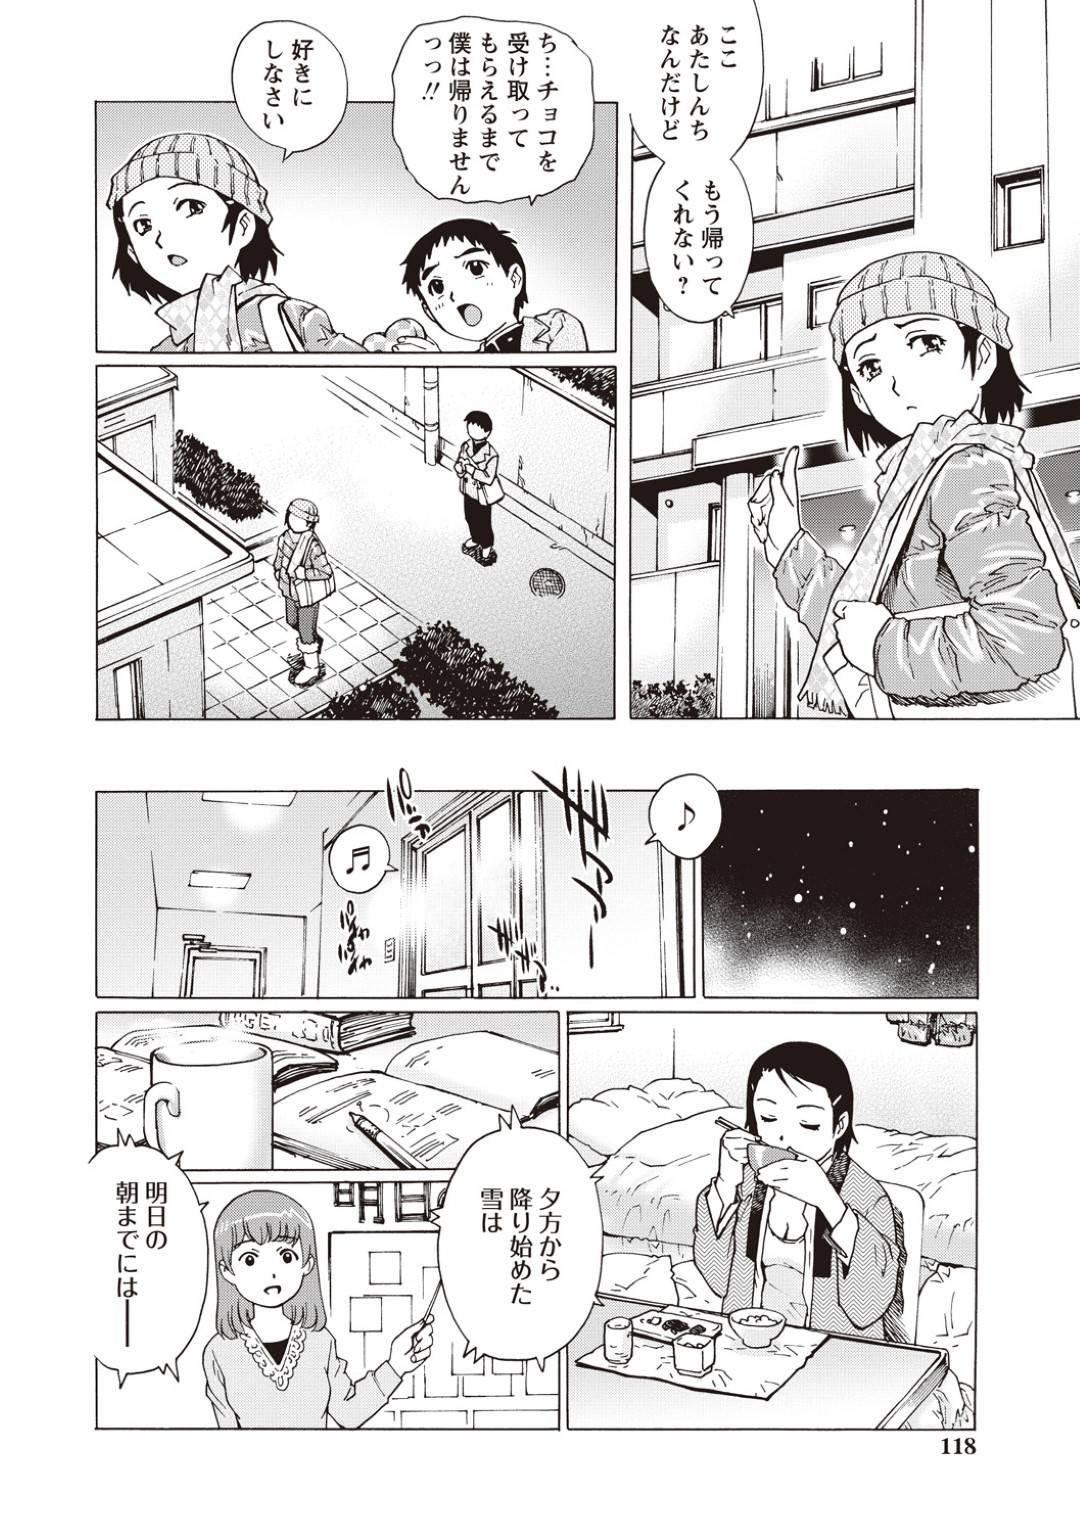 【エロ漫画】成人女性が童貞ショタにバレンタインで猛アタックを受け続けて、渋々家に招き入れて筆下ろしSEXで両思いになっていく